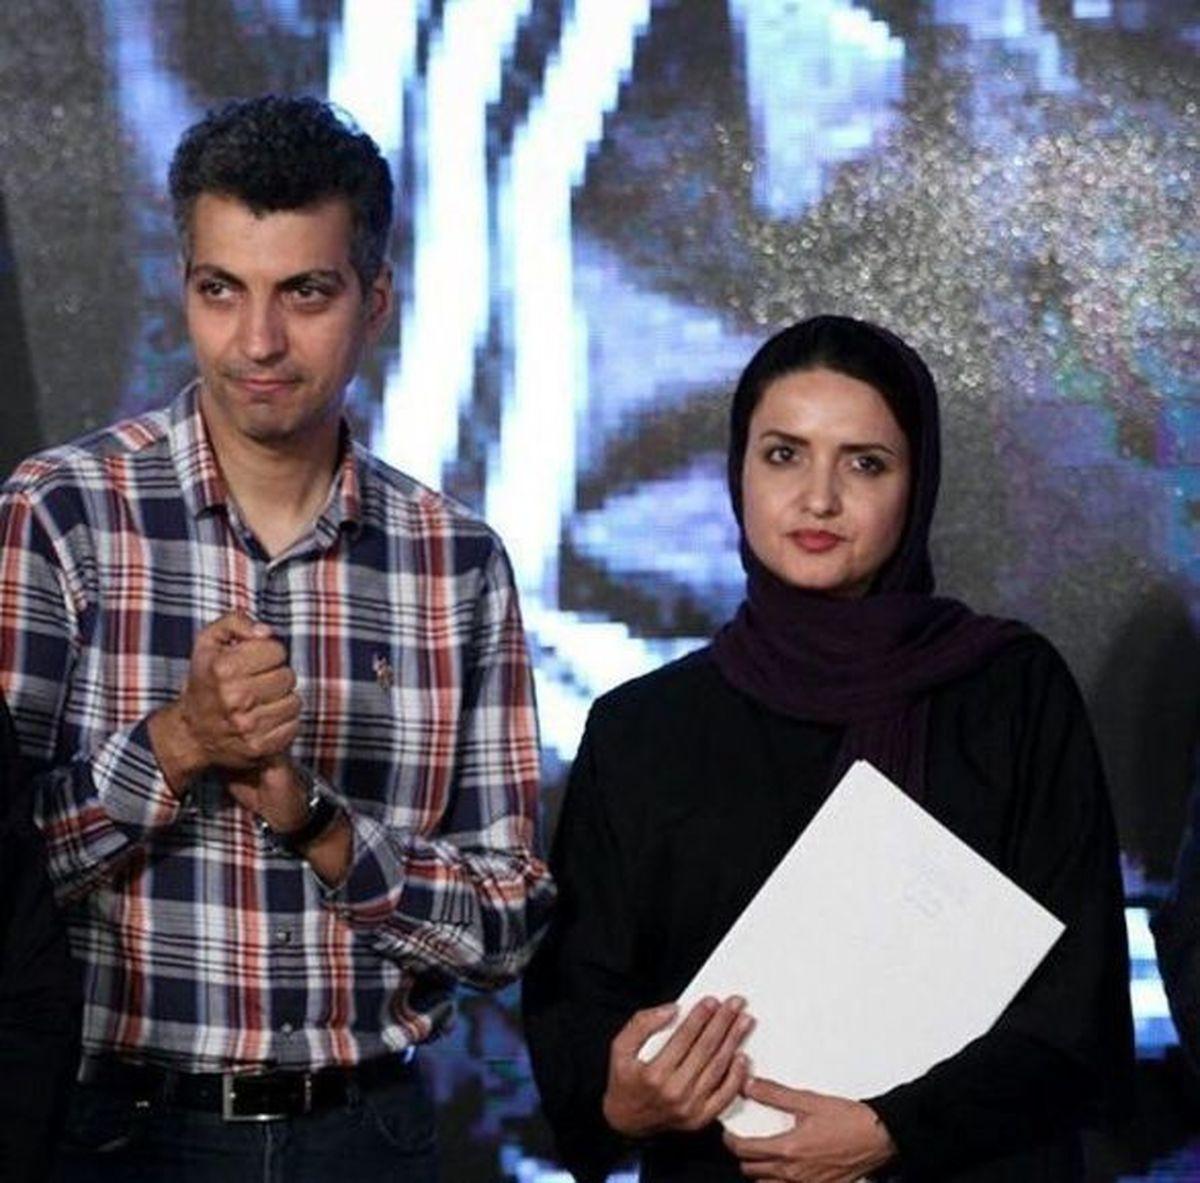 عادل فردوسی پور  جنجال ماجرای رونمایی از همسرش+عکسهای دیده نشده و بیوگرافی